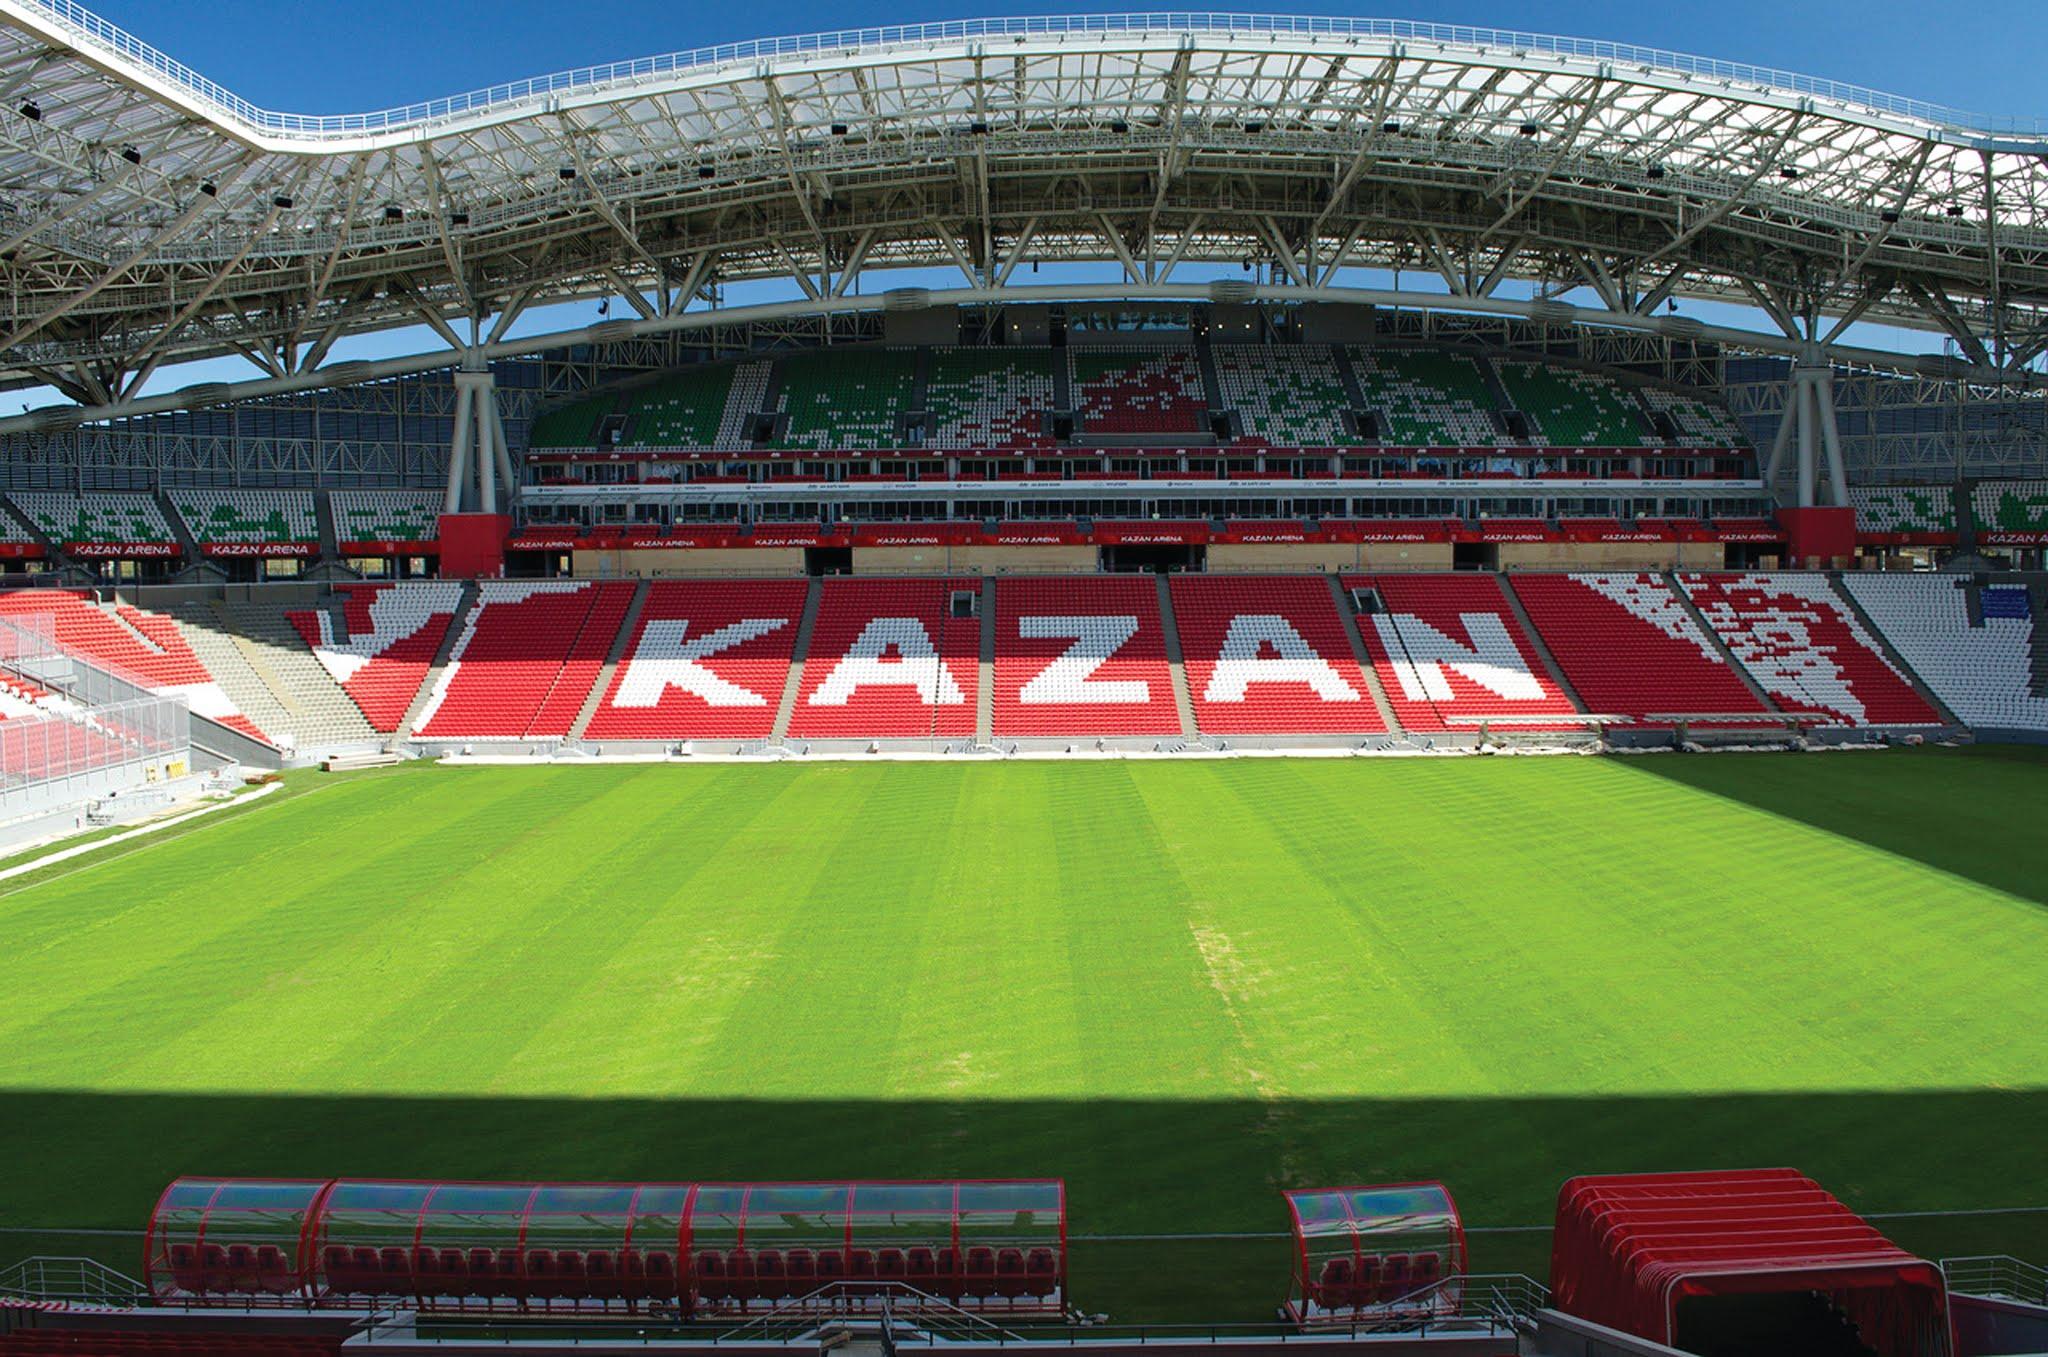 Ausstattung von Fußballstadien und Leichtathletik Stadion mit Punktwertungssystem und Zeitnehmung